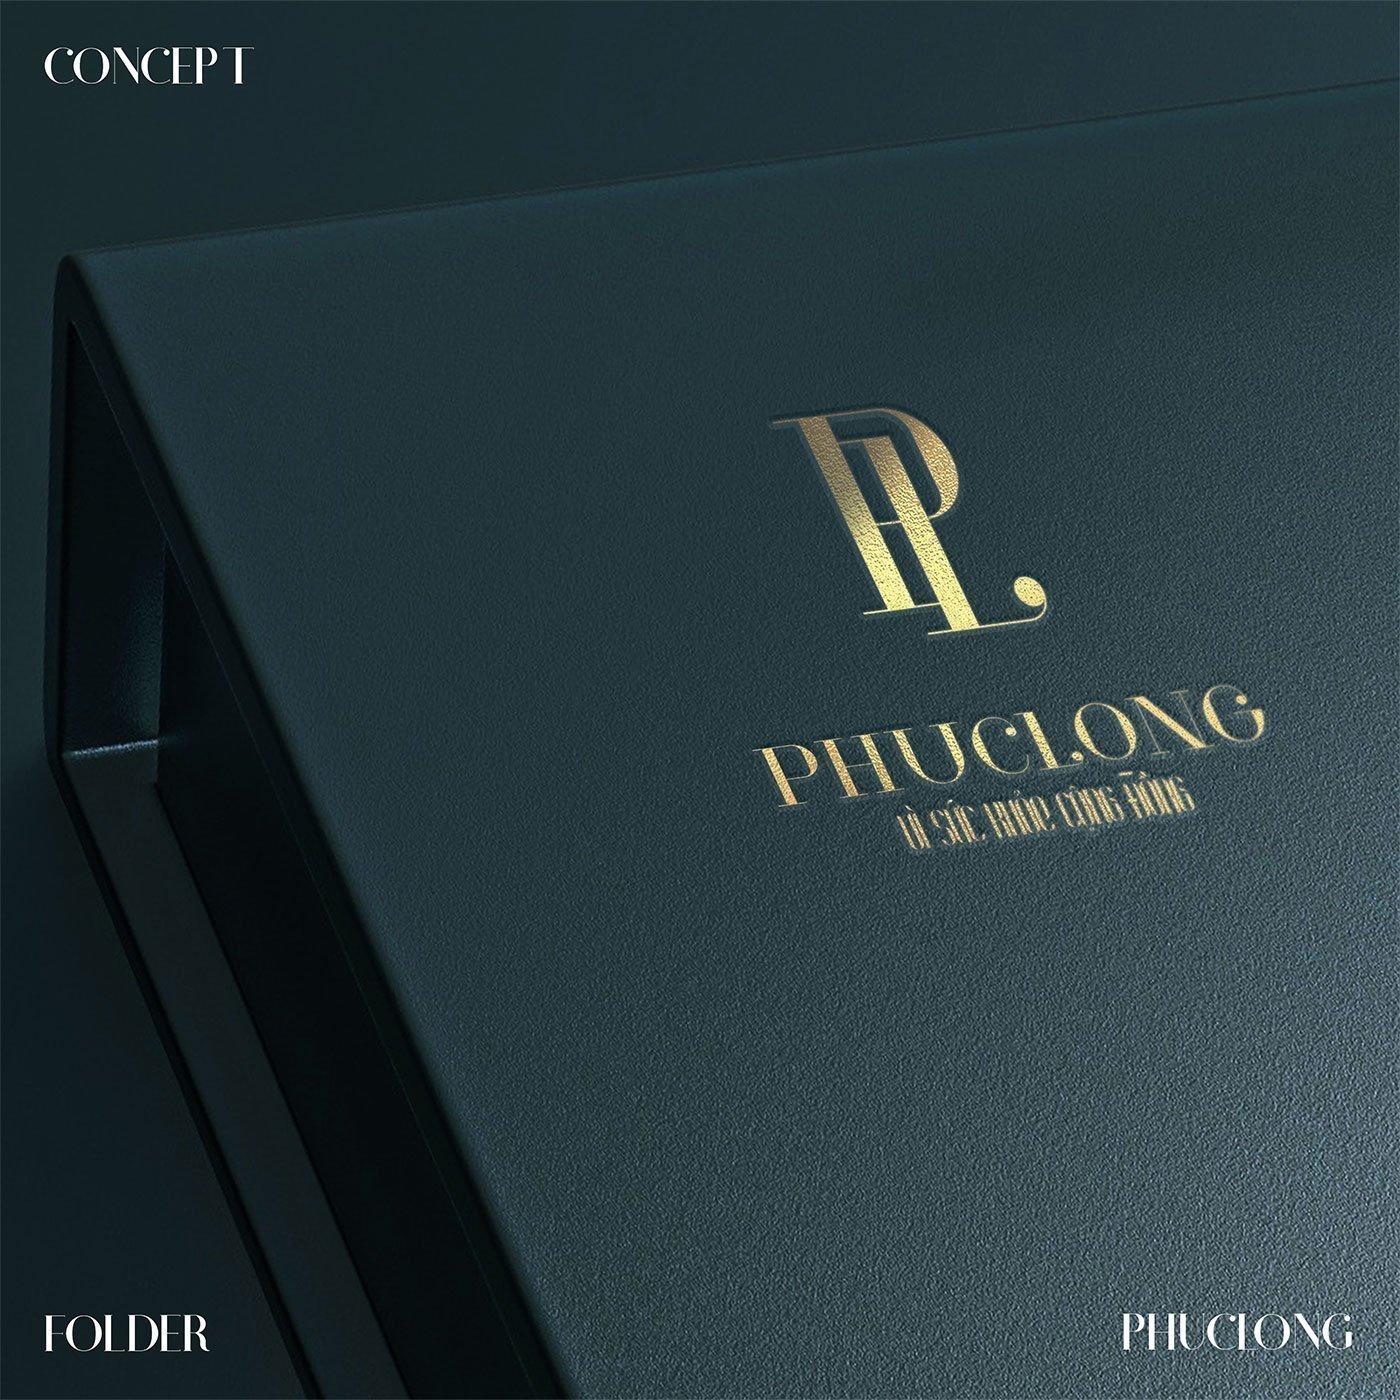 bìa đựng hồ sơ-quảng-bá-thương-hiệu-thiết-kế-branding-cho-thương-hiệu-thiết-kế-nhận-diện-thương-hiệu-xây-dựng-logo-doanh-nghiệp-thiết-kế-ấn-phẩm-quảng-cáo-thương-hiệu-thiết-kế-Helixgram